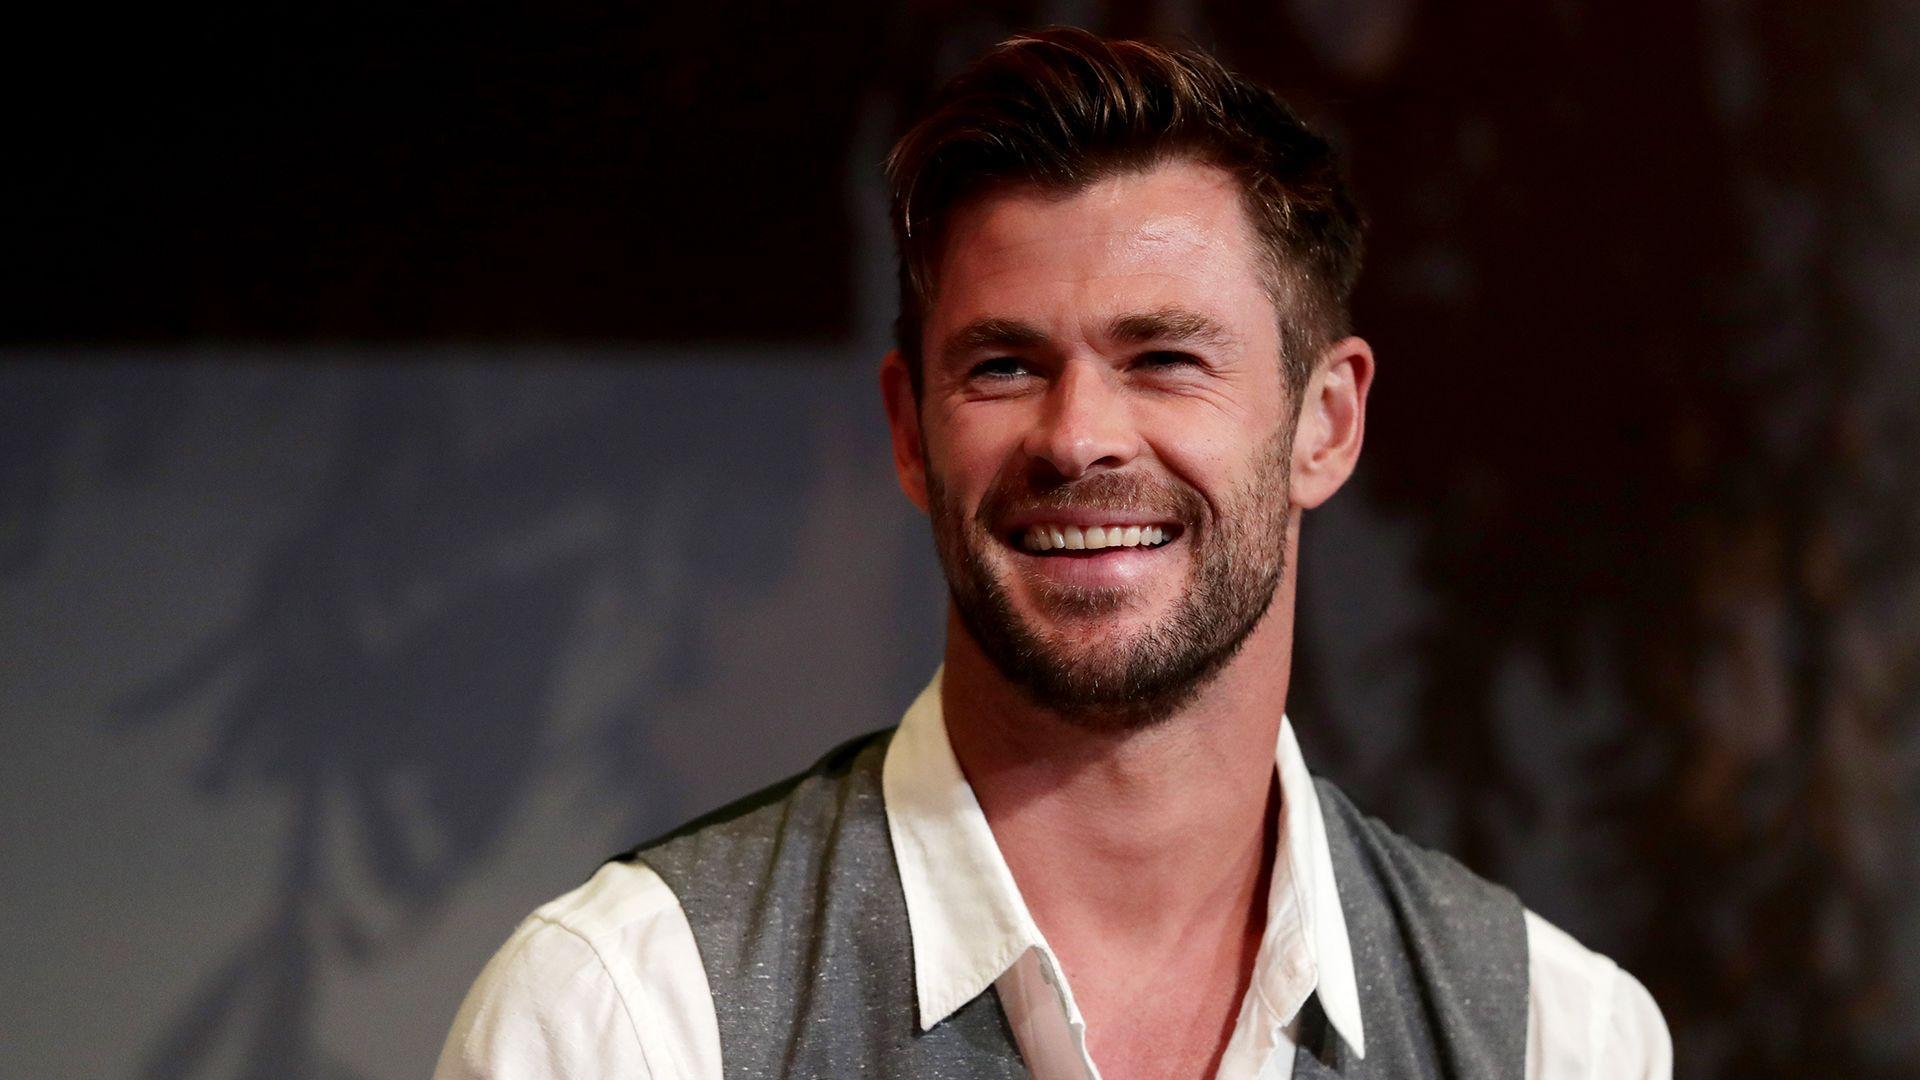 Chris Hemsworth ingyenessé tette Centr nevű fitnesz alkalmazását